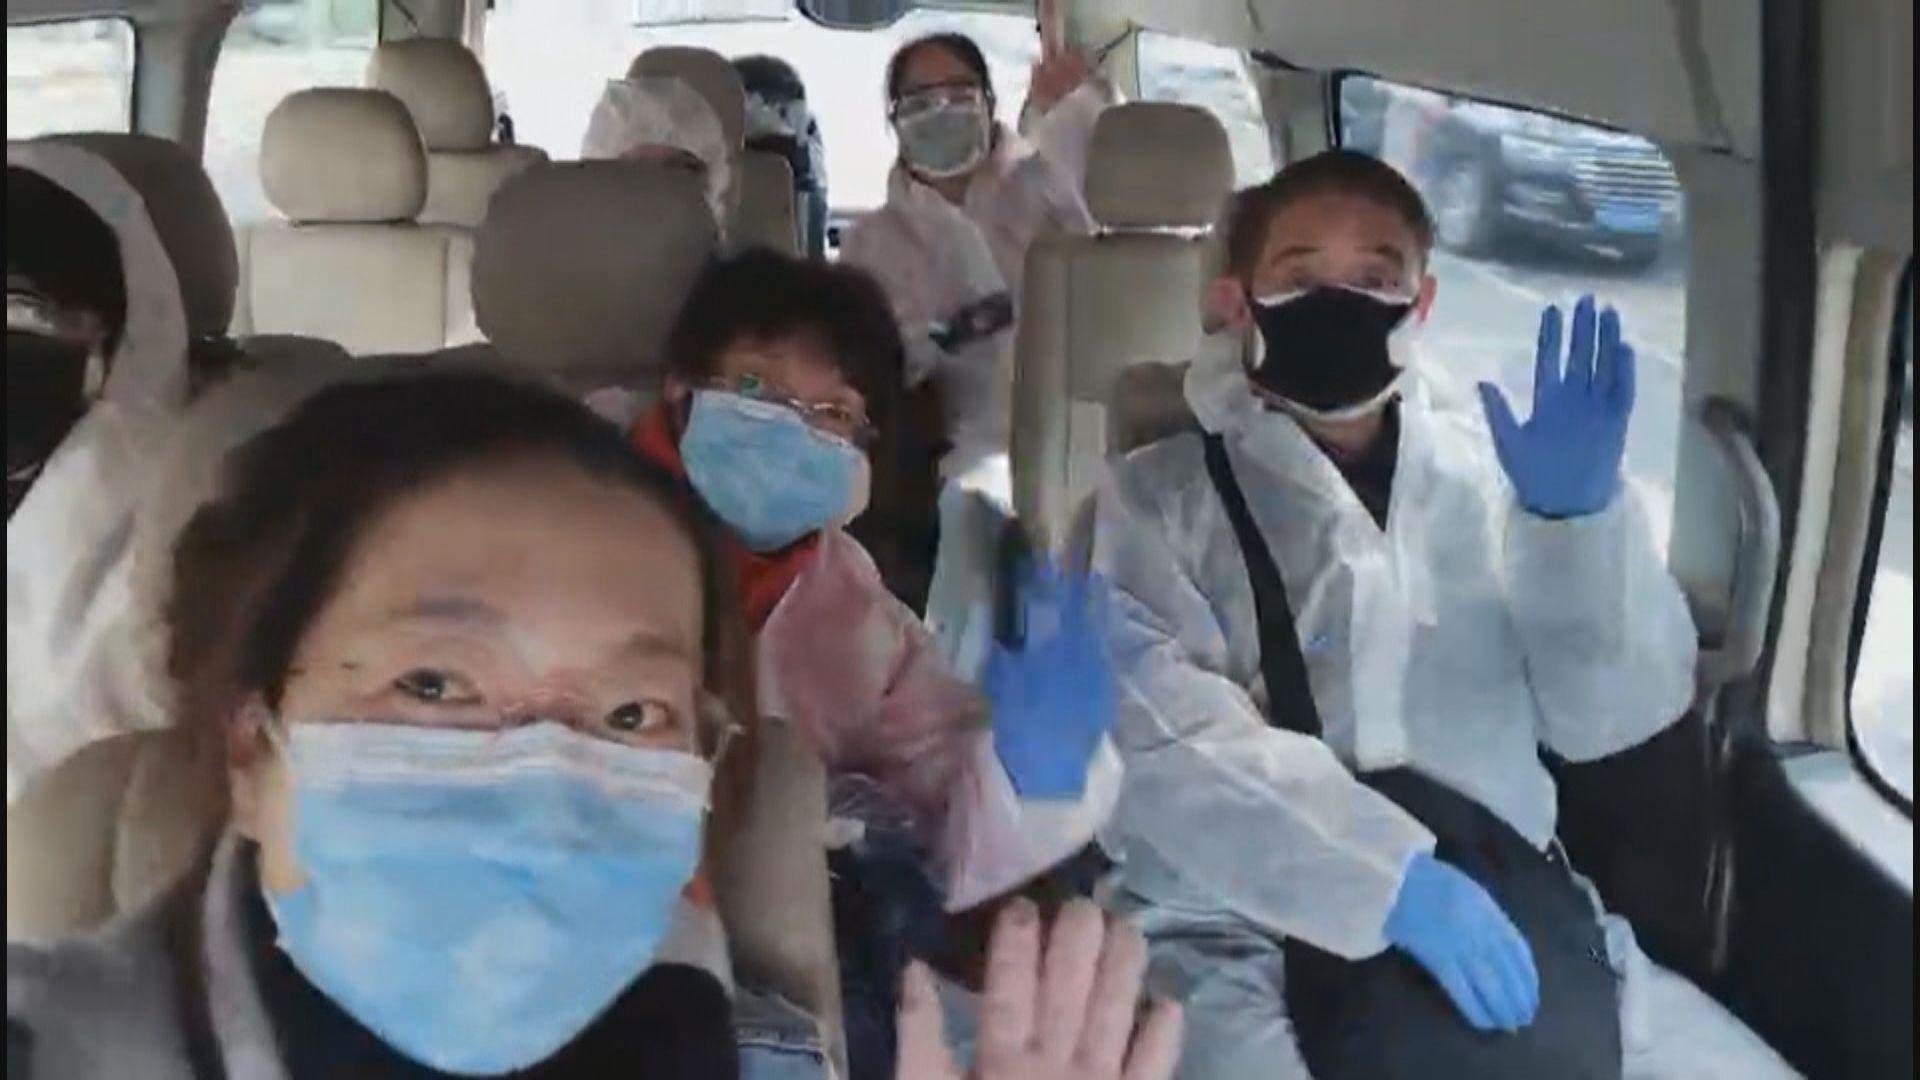 【湖北最新片段】滯留港人離開所屬小區 準備乘包機回港